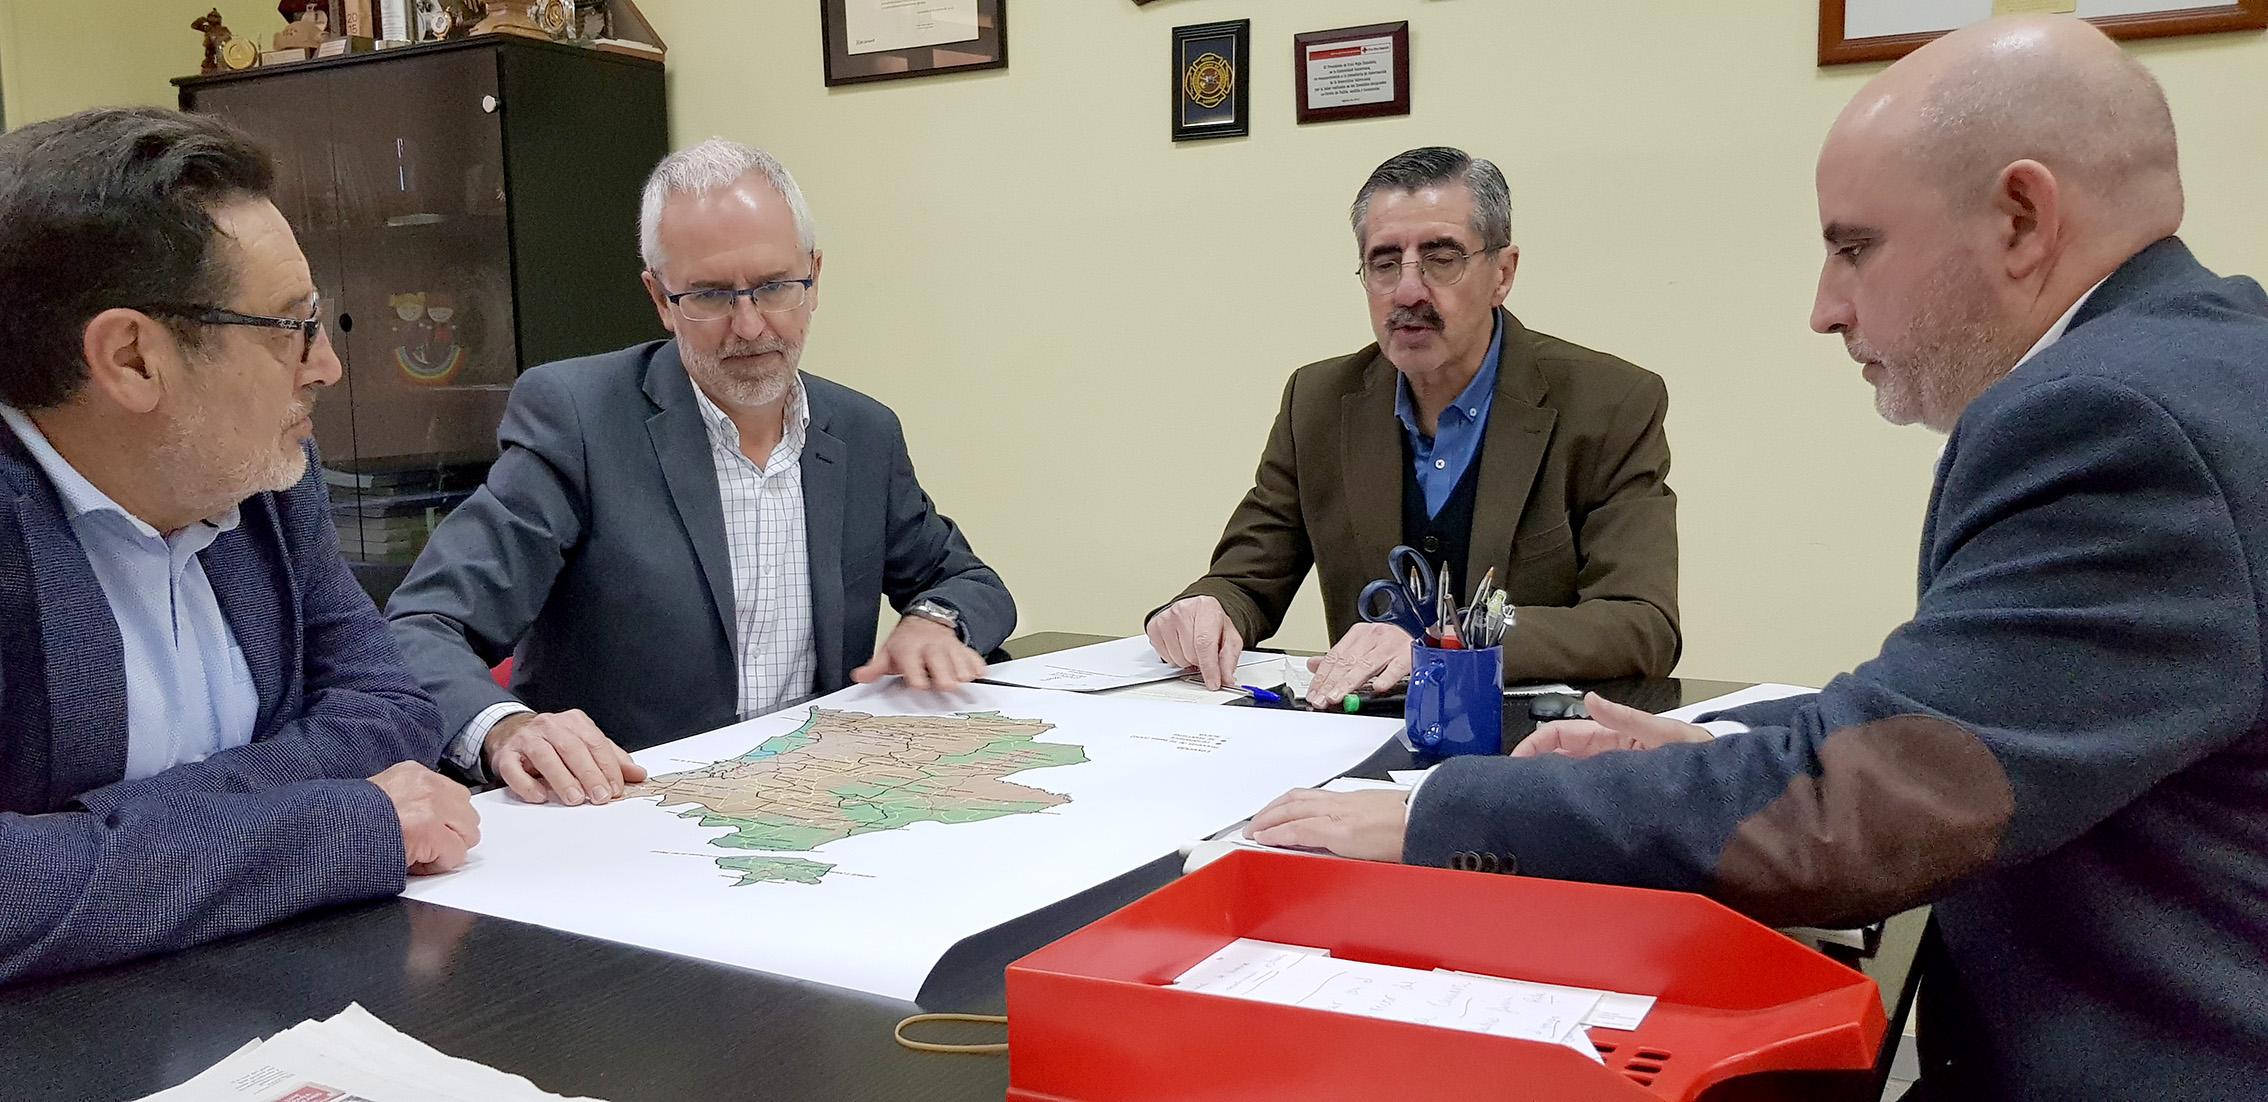 La trobada s'ha produït en el Centre de Coordinació d'Emergències 112 de L'Eliana